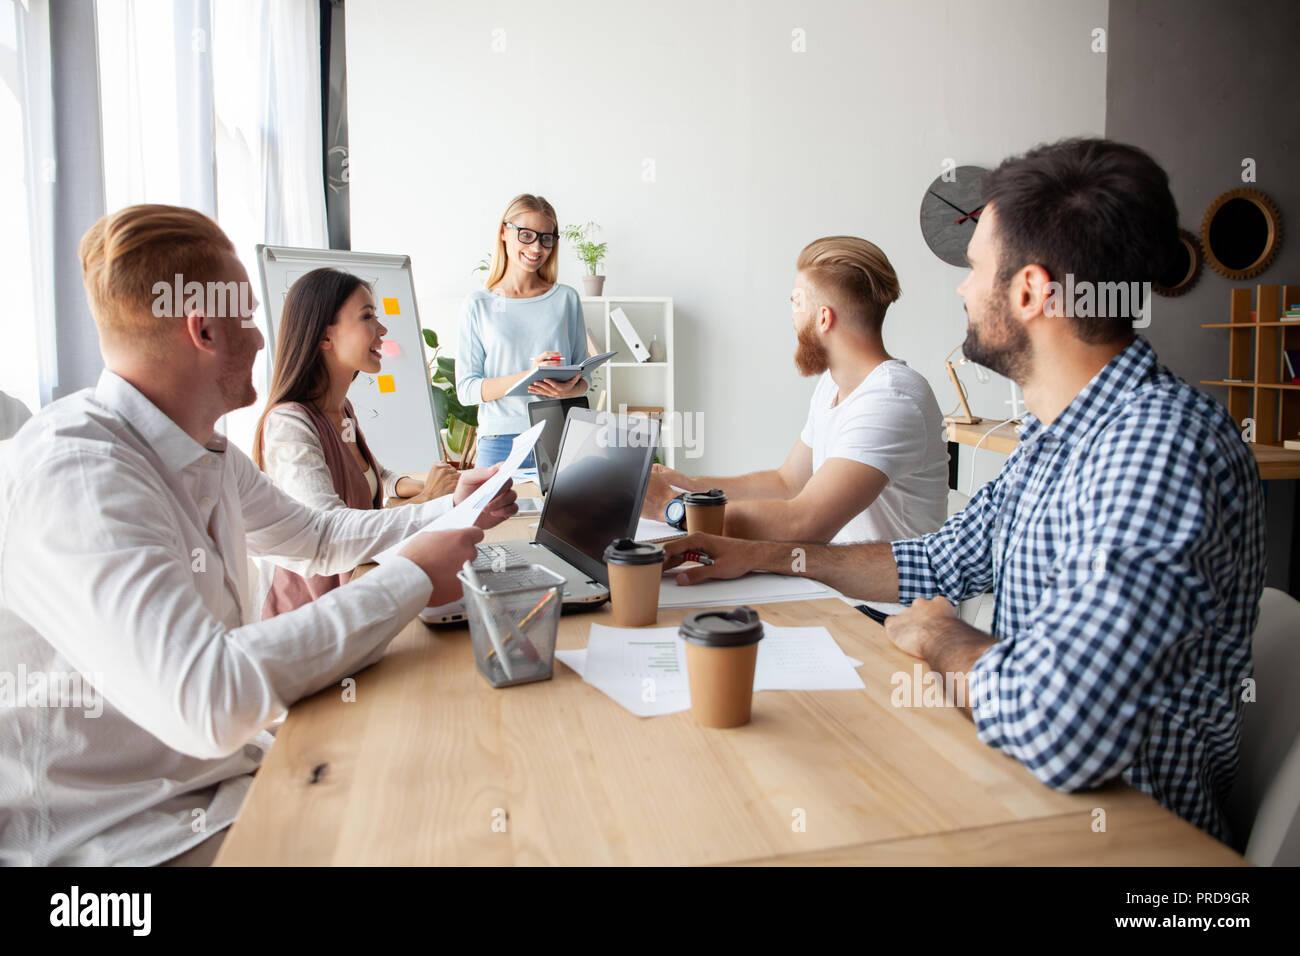 Equipo de colaboradores jóvenes haciendo grandes negocios discusión en la moderna oficina coworking.Trabajo en equipo concepto personas Imagen De Stock